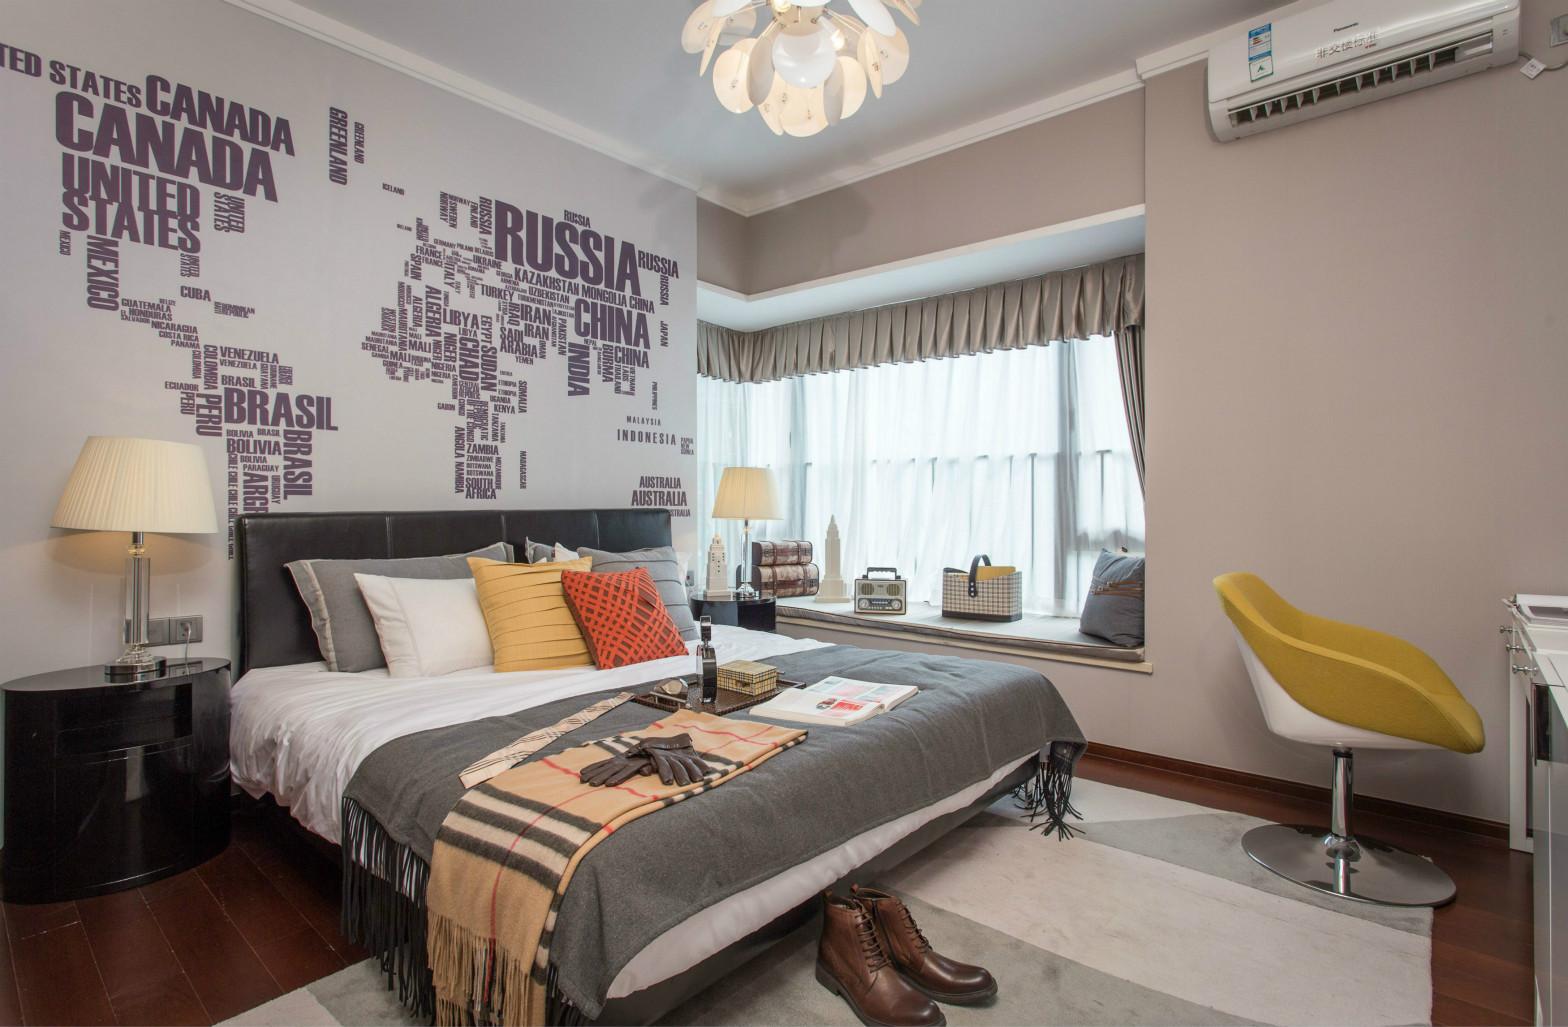 主卧室细节都让人觉得是精雕细琢来的,色彩留有深厚的文化底蕴又简化成了线条。